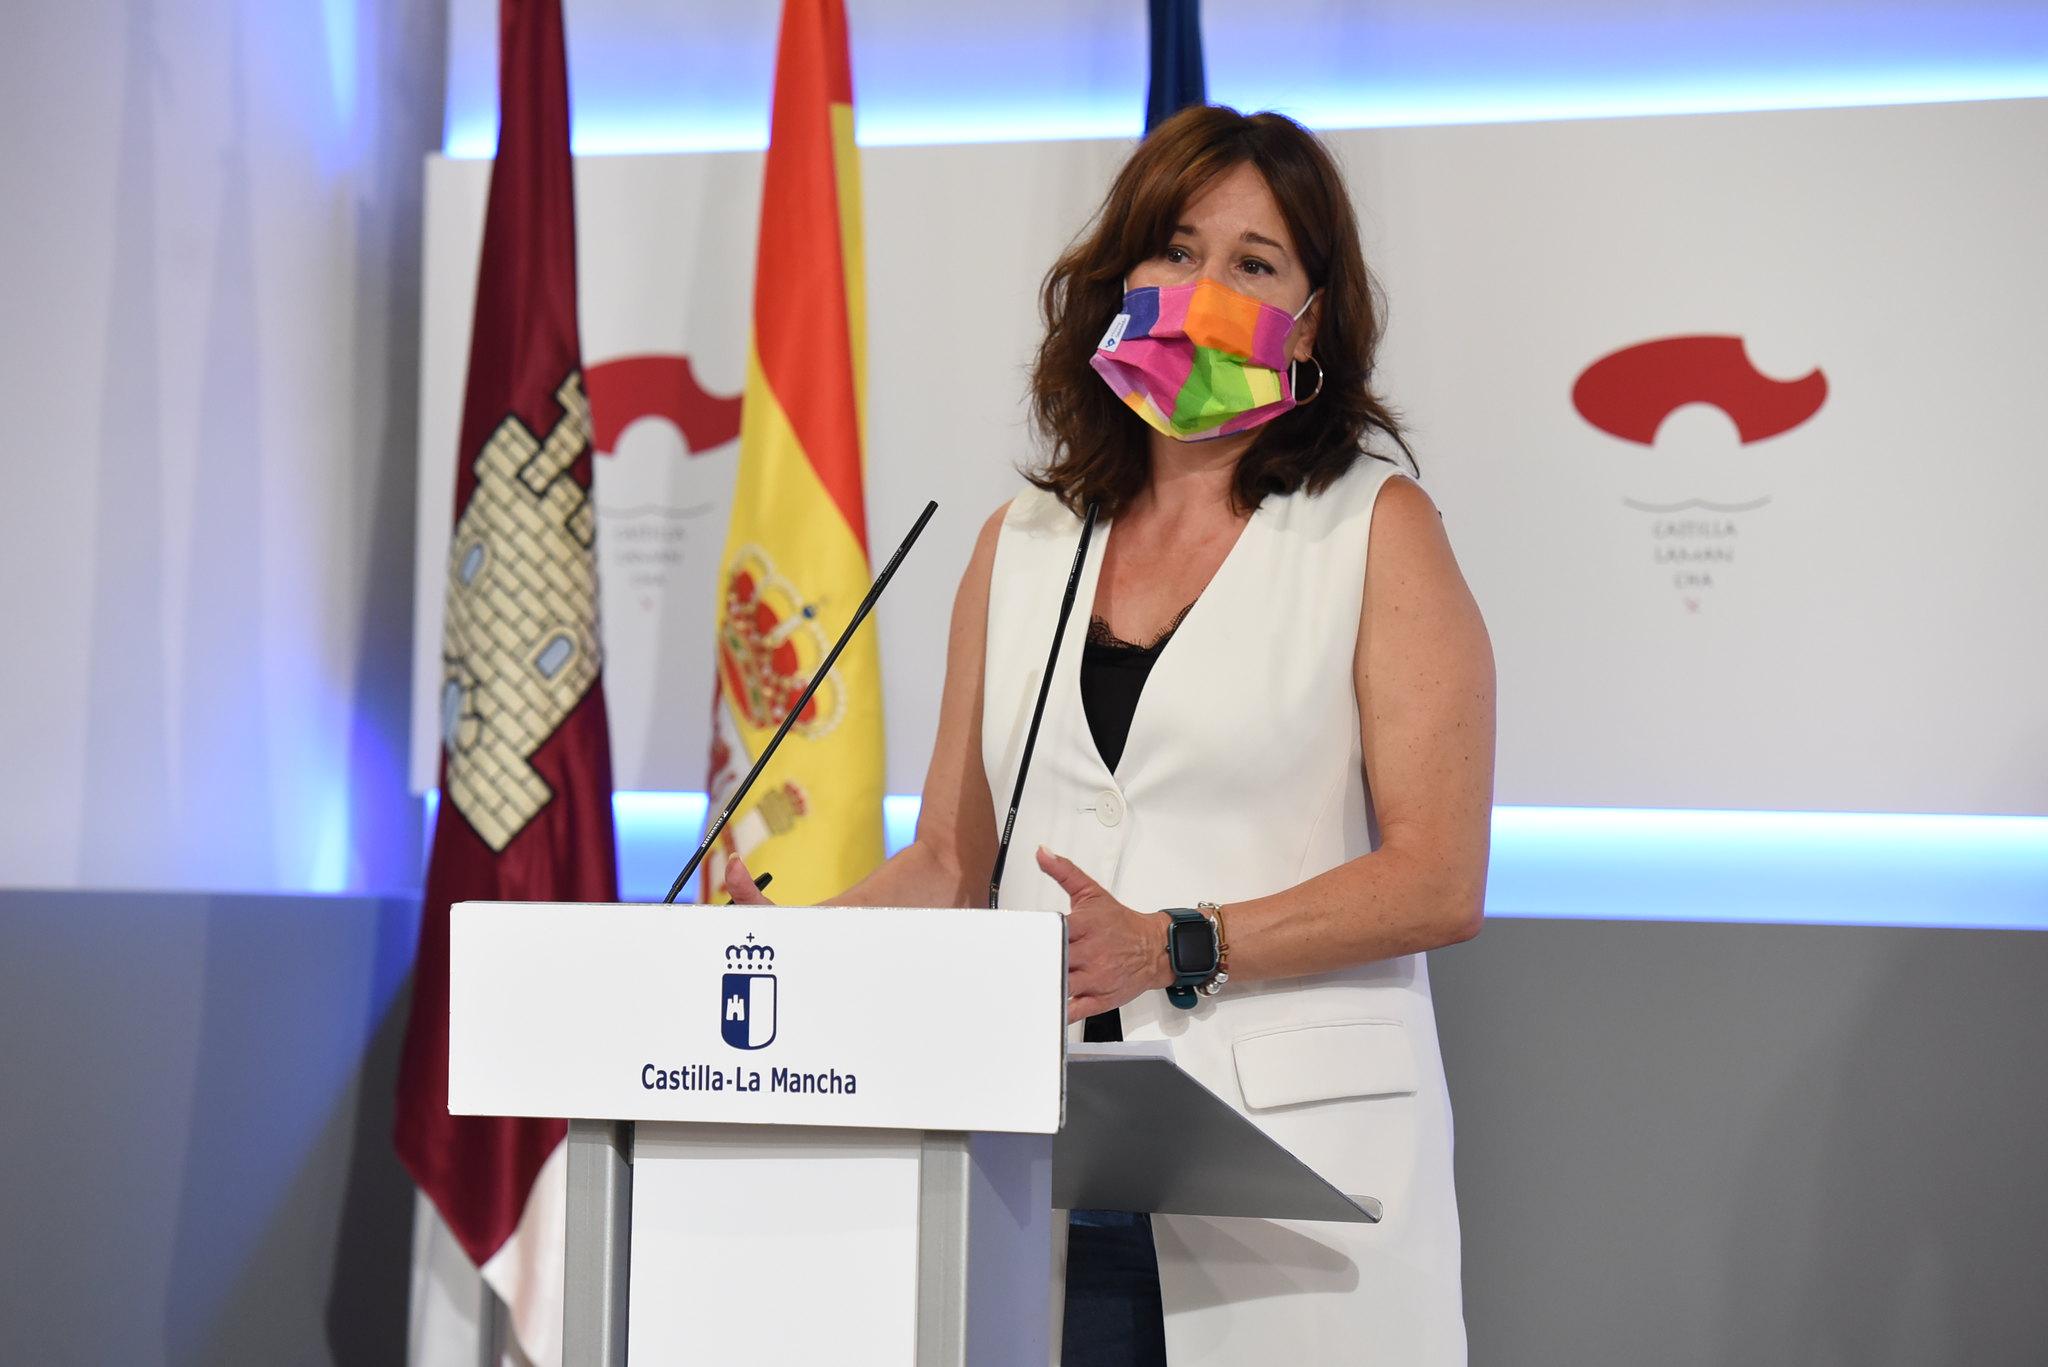 La consejera de Igualdad y Portavoz informa sobre los acuerdos del Consejo de Gobierno extraordinario